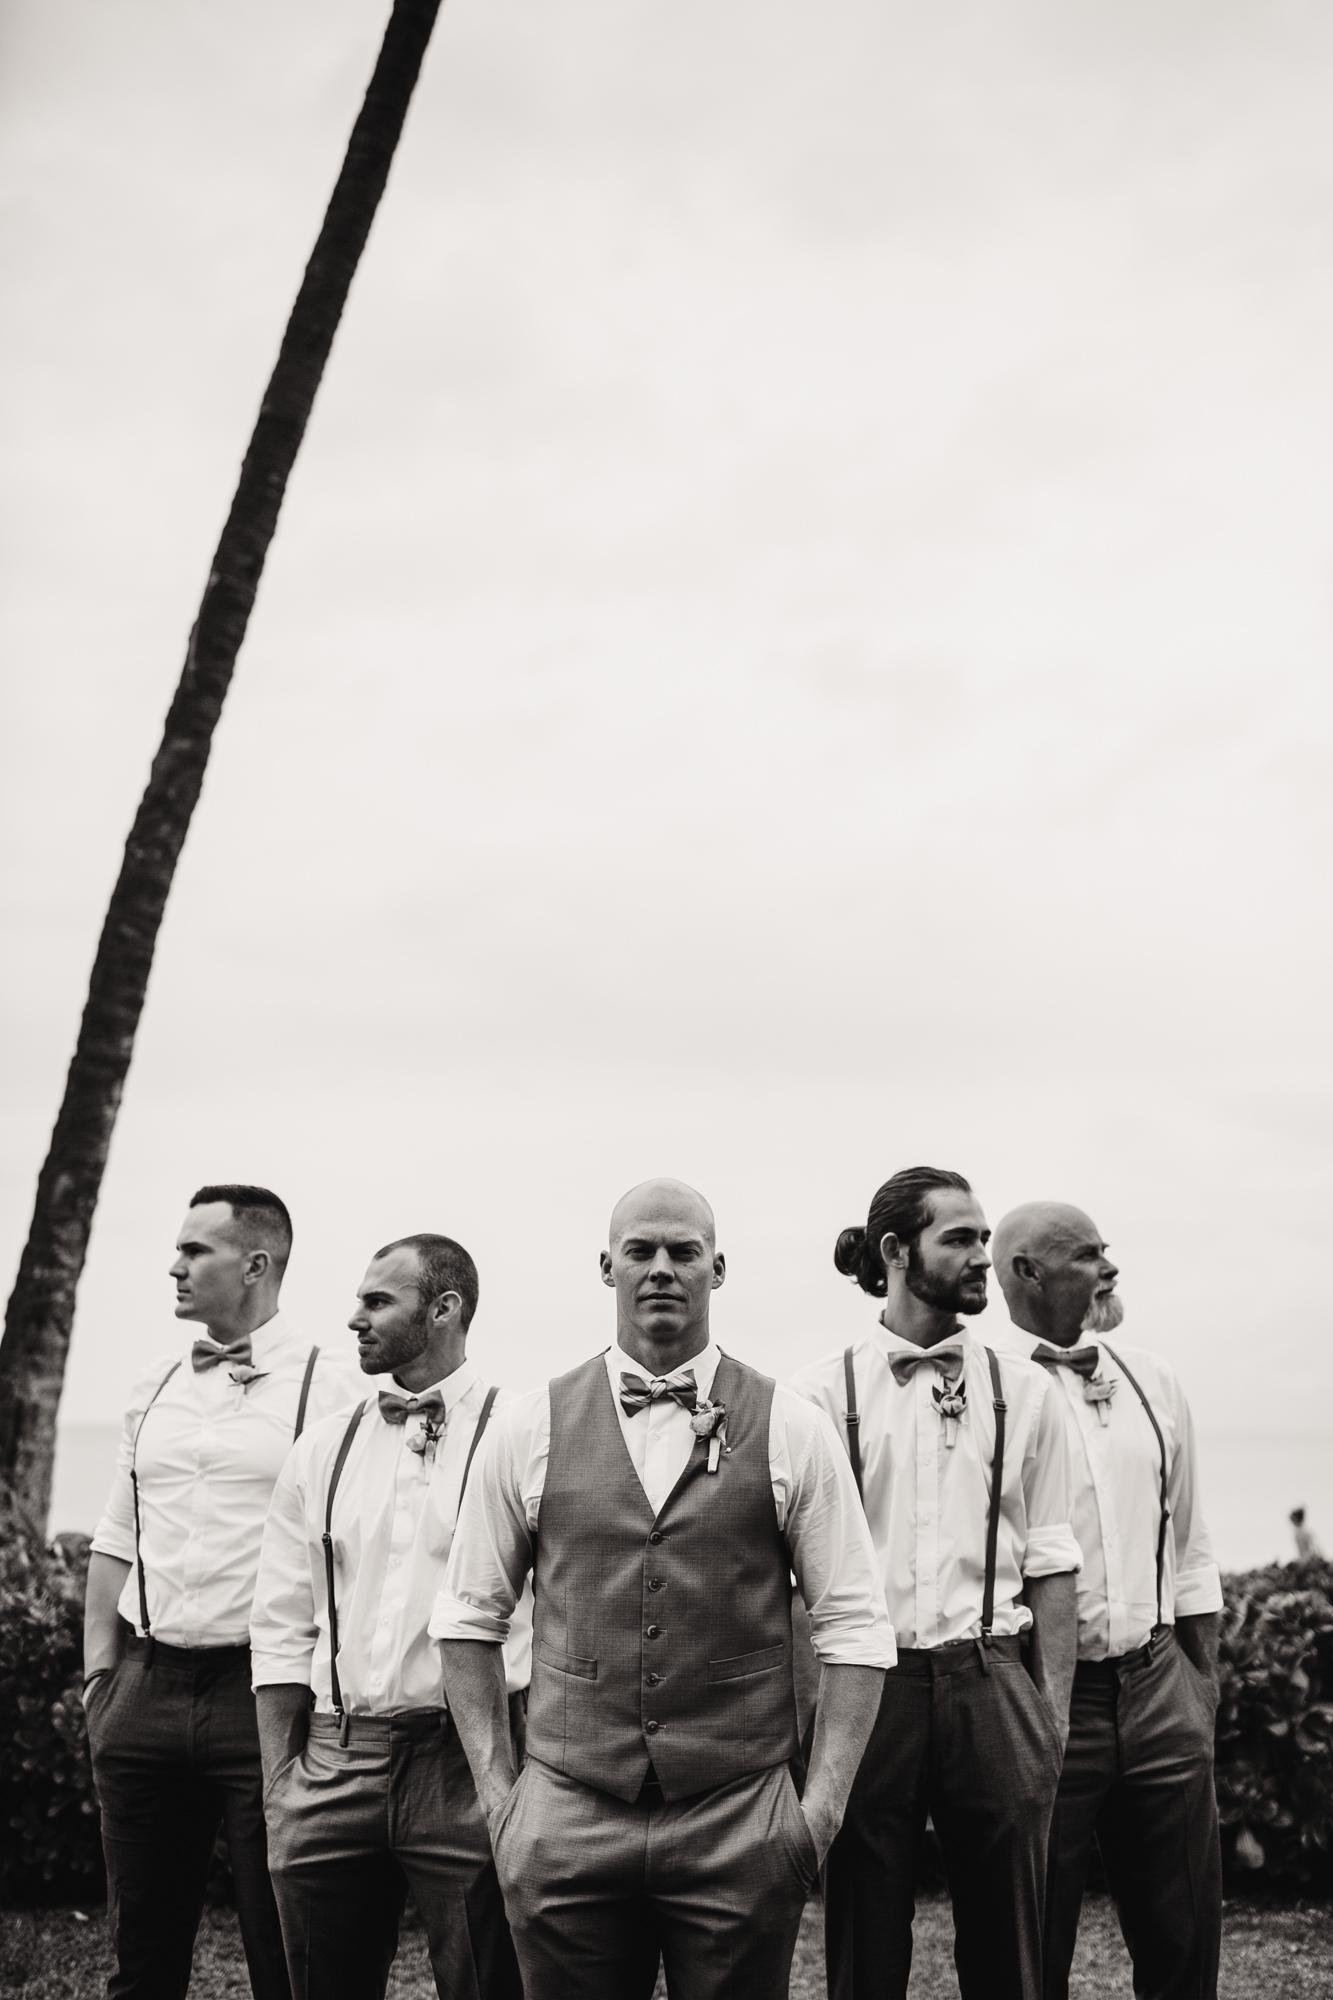 destination-wedding-photographer-hawaii-maui-elopement-56.jpg